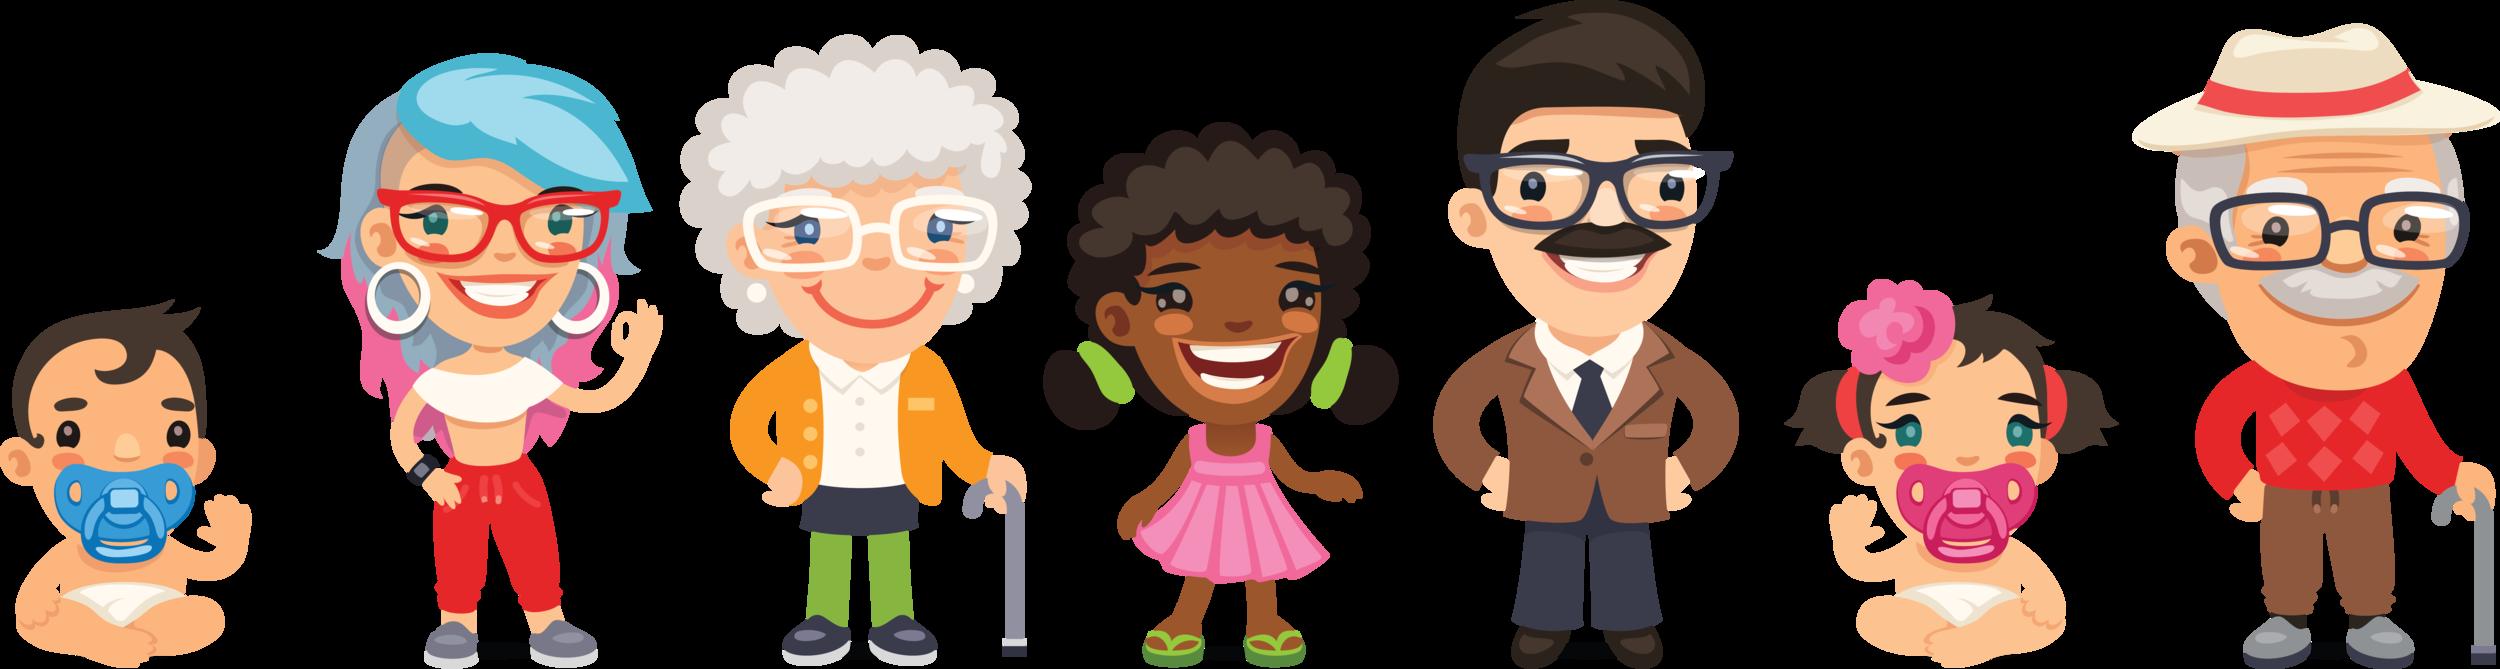 Figur 1: Statistikk kan si noe om hvor forskjellig noe er, slik som aldersforskjeller. I statistikk kalles dette spredning.